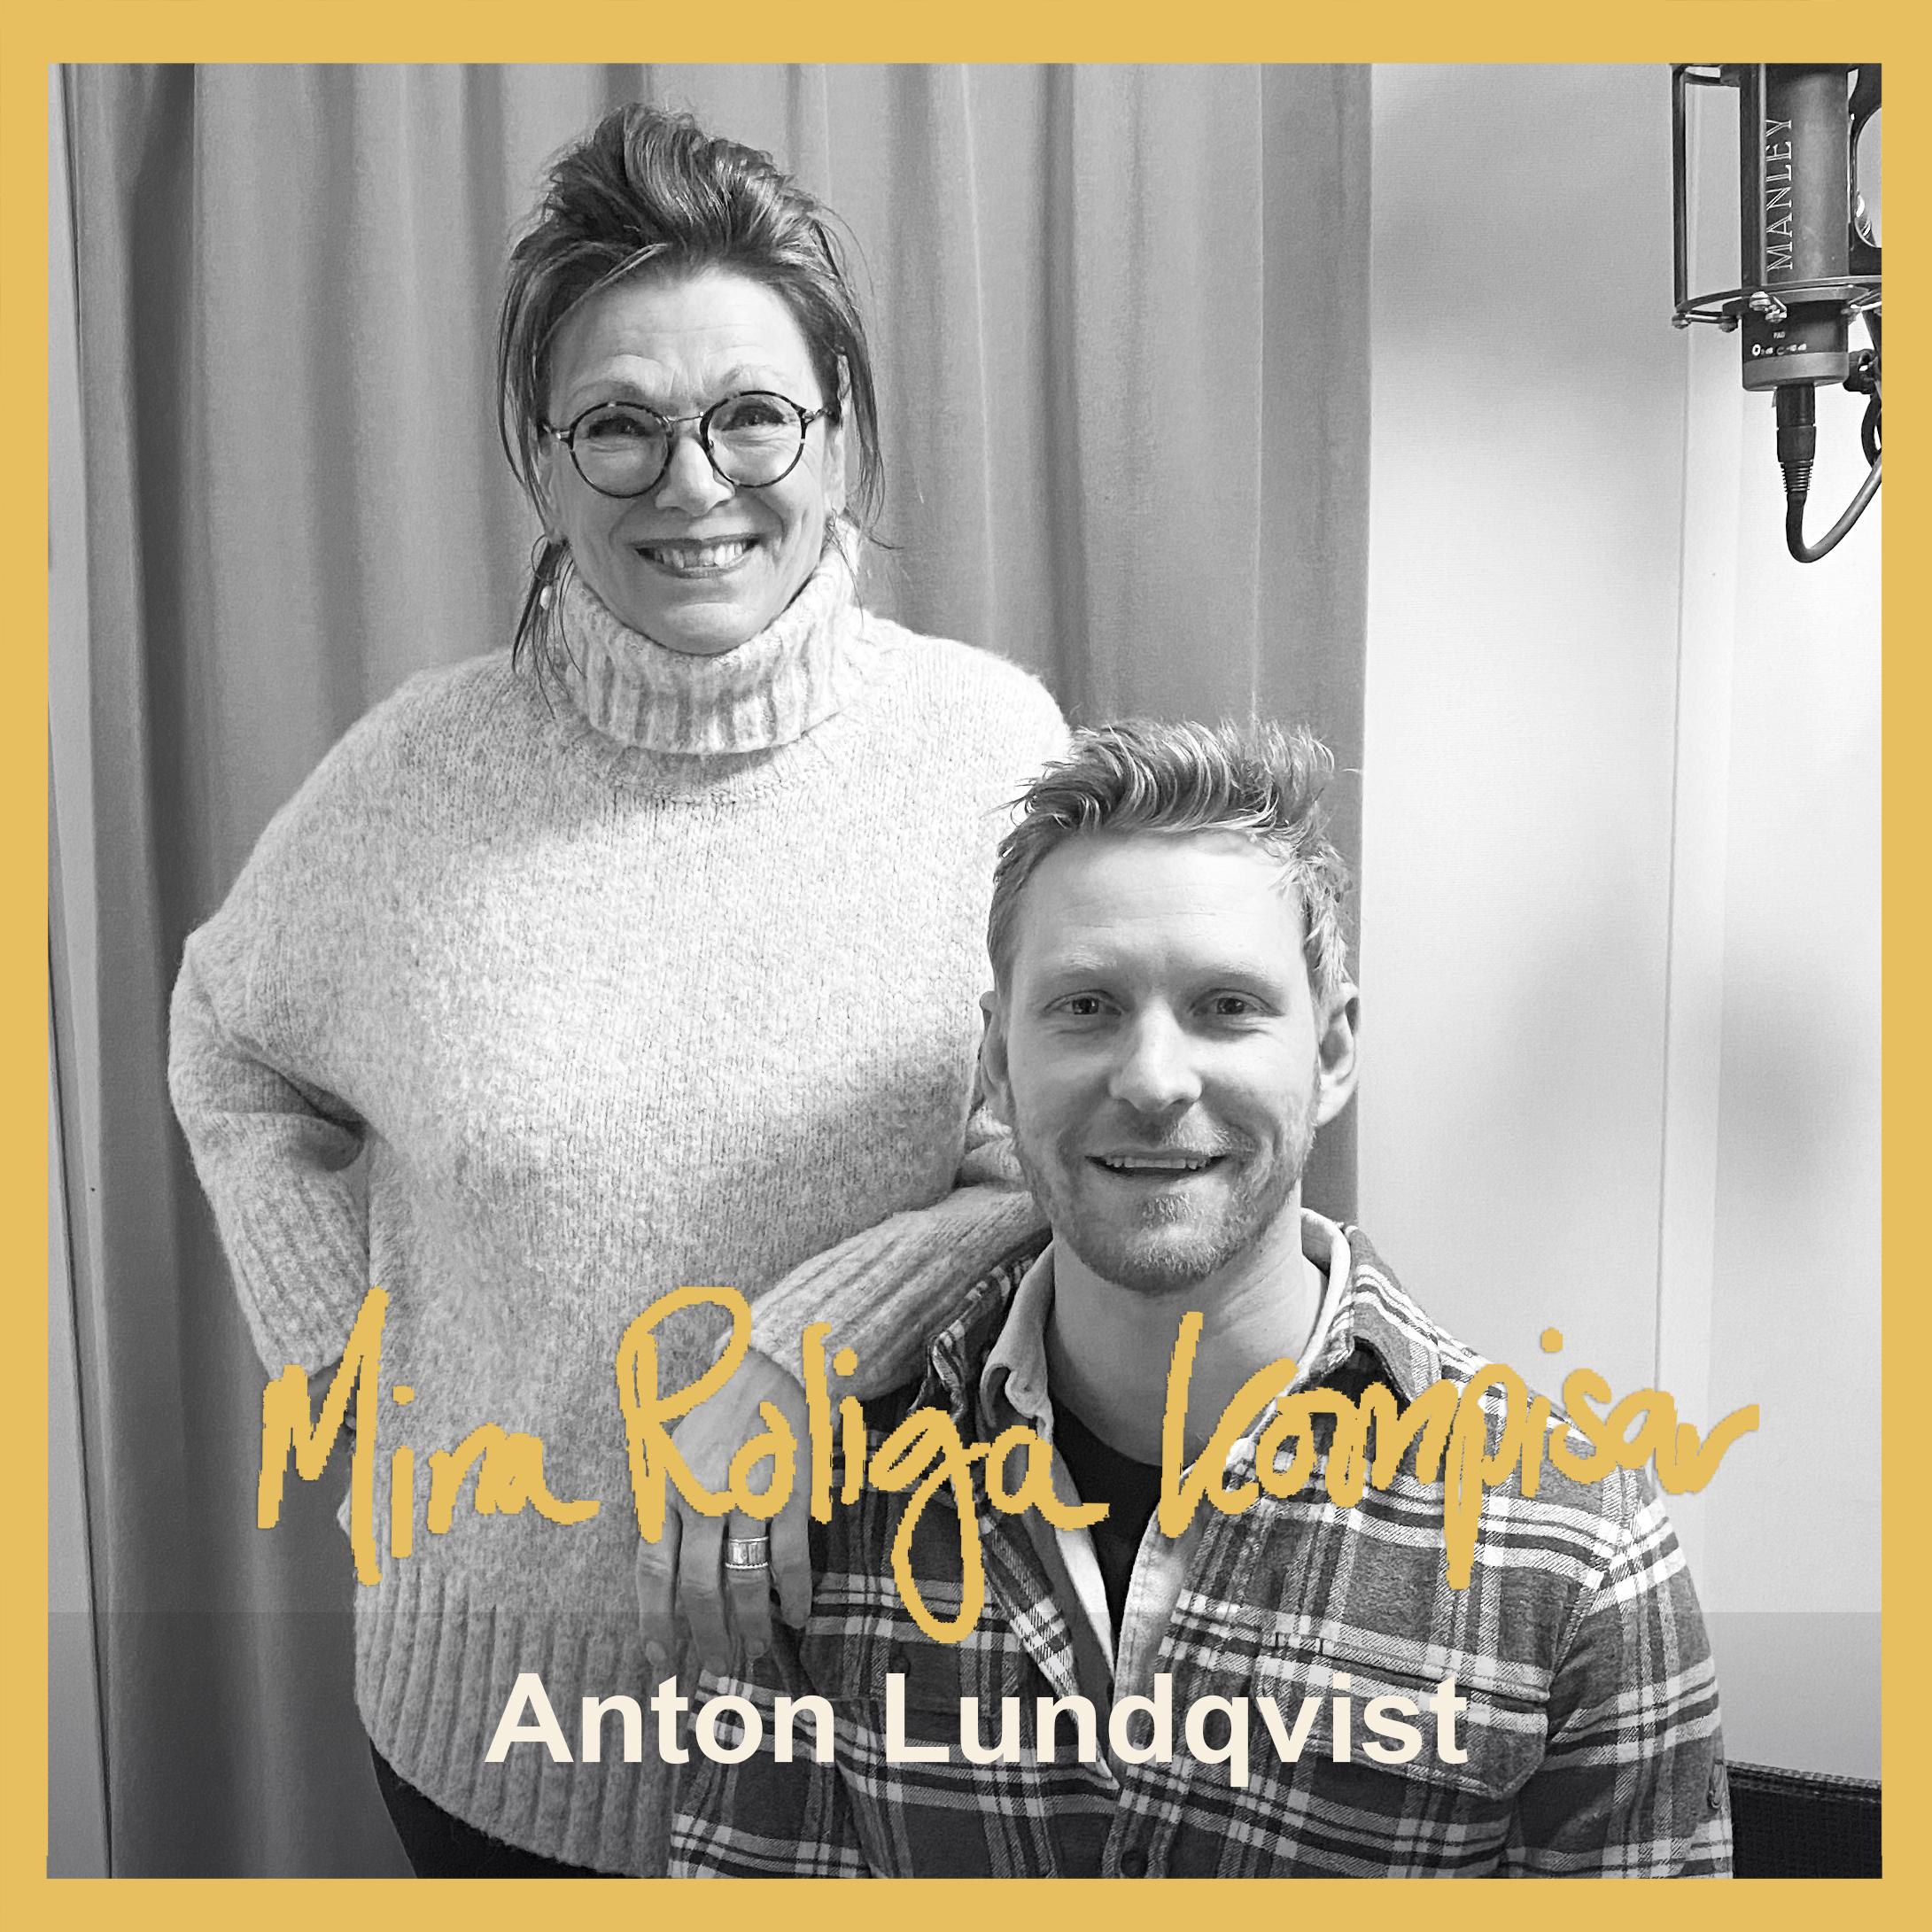 18. Anton Lundqvist